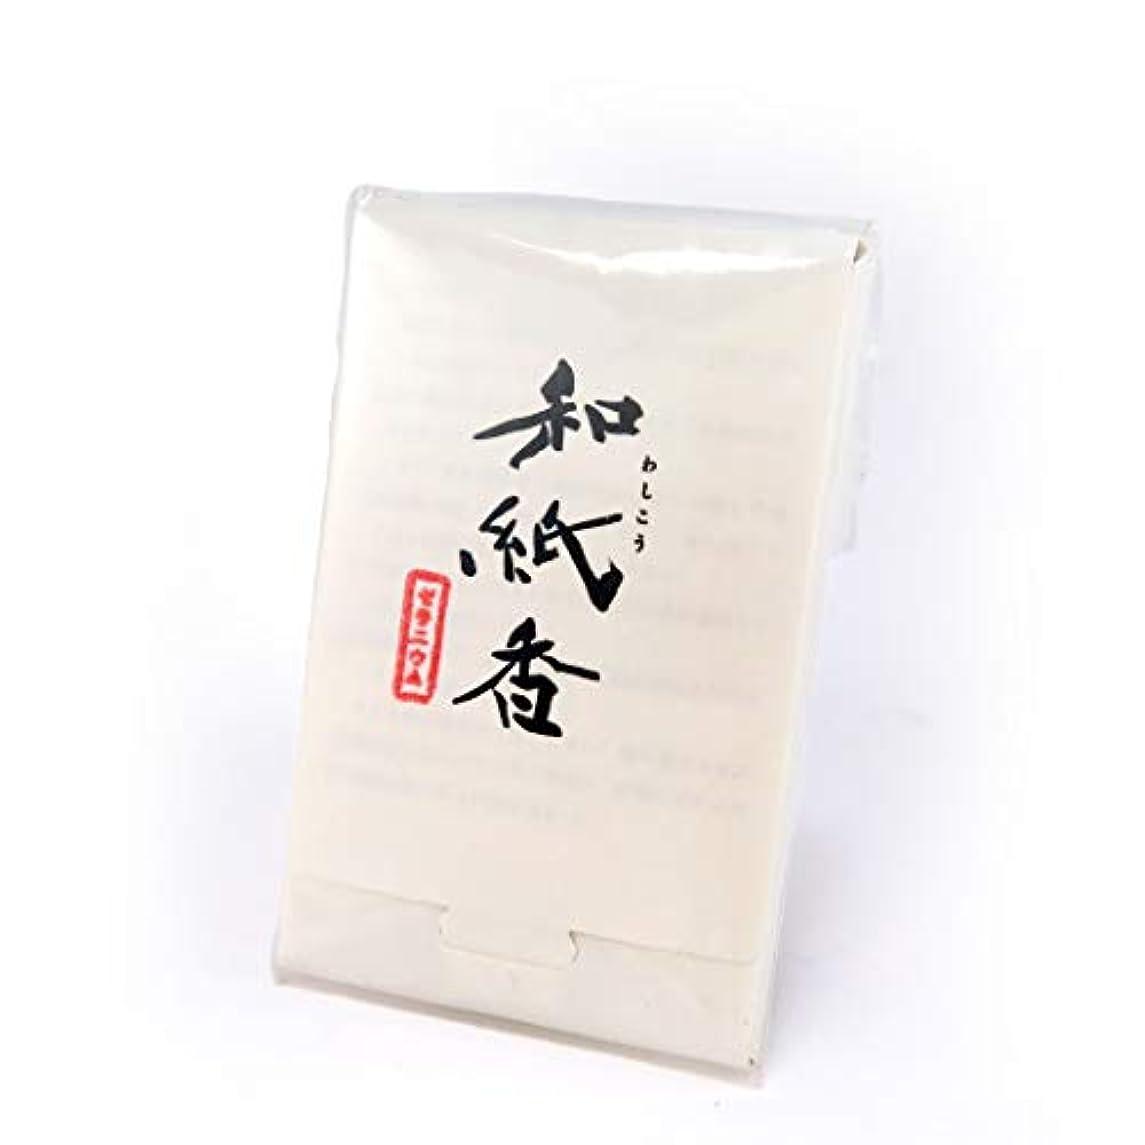 モニタースチュワーデス佐賀大発のお香 和紙香(わしこう) ゼラニウム